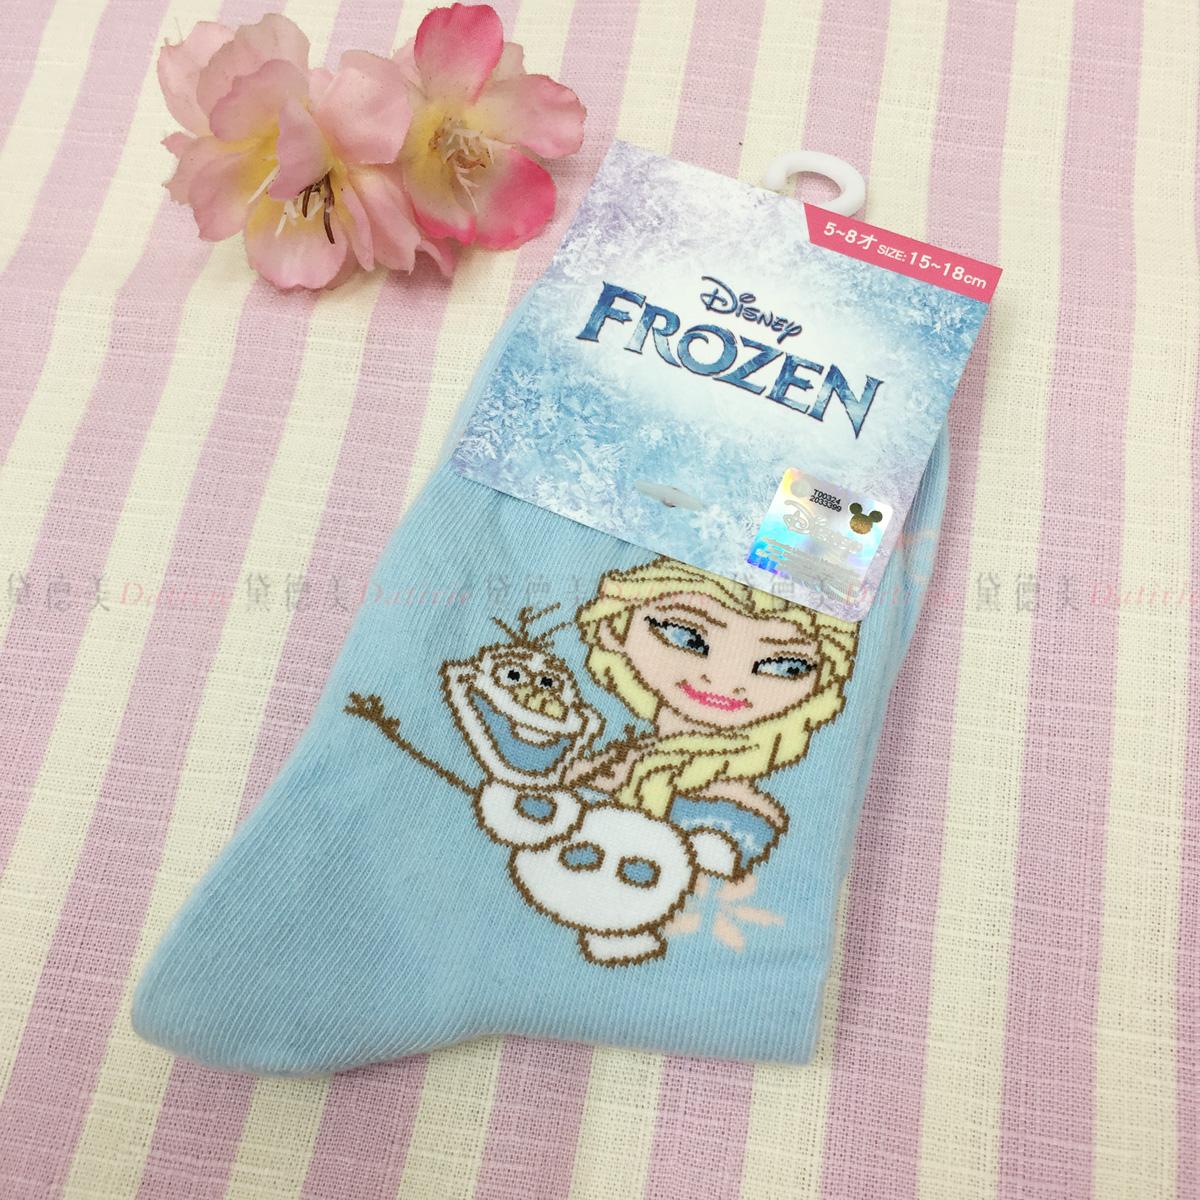 1/2襪 迪士尼 冰雪奇緣 Elsa 雪寶 15~18cm 襪子 正版授權